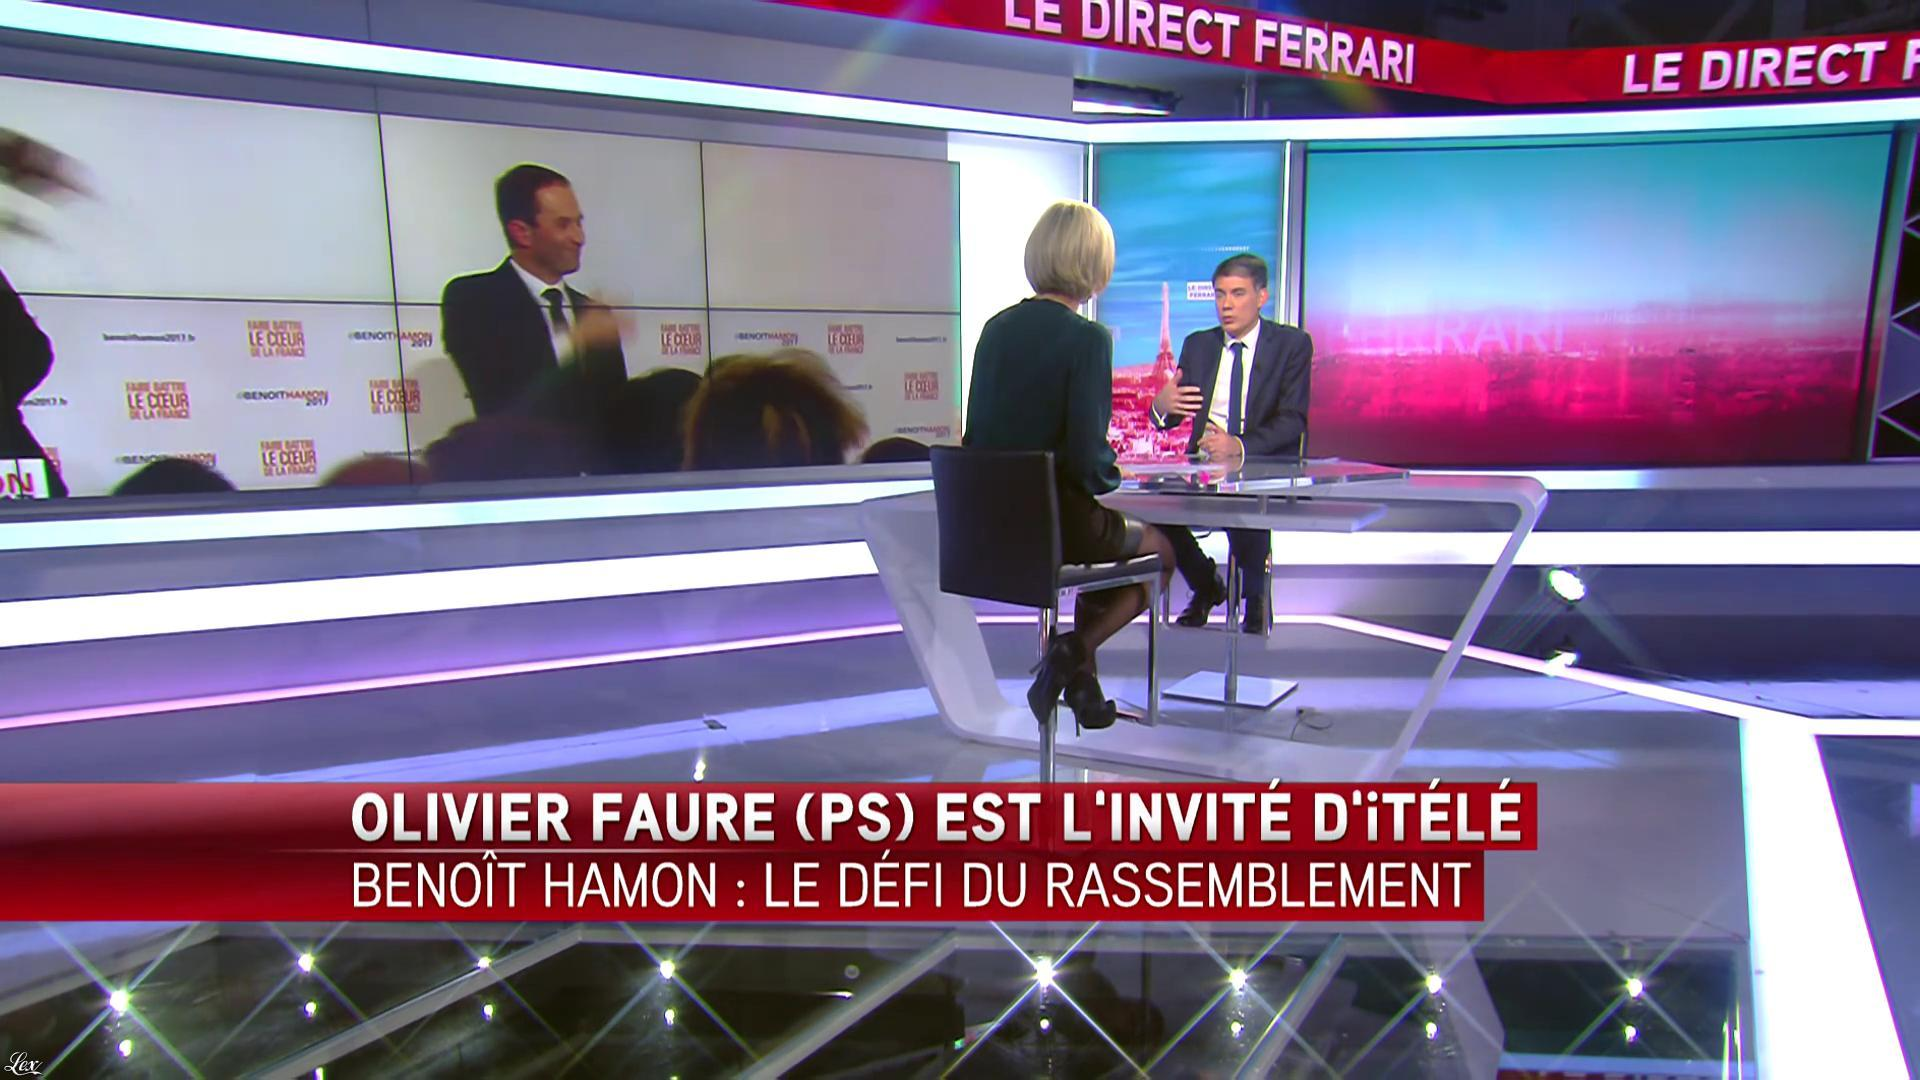 Laurence Ferrari dans le Direct Ferrari. Diffusé à la télévision le 30/01/17.